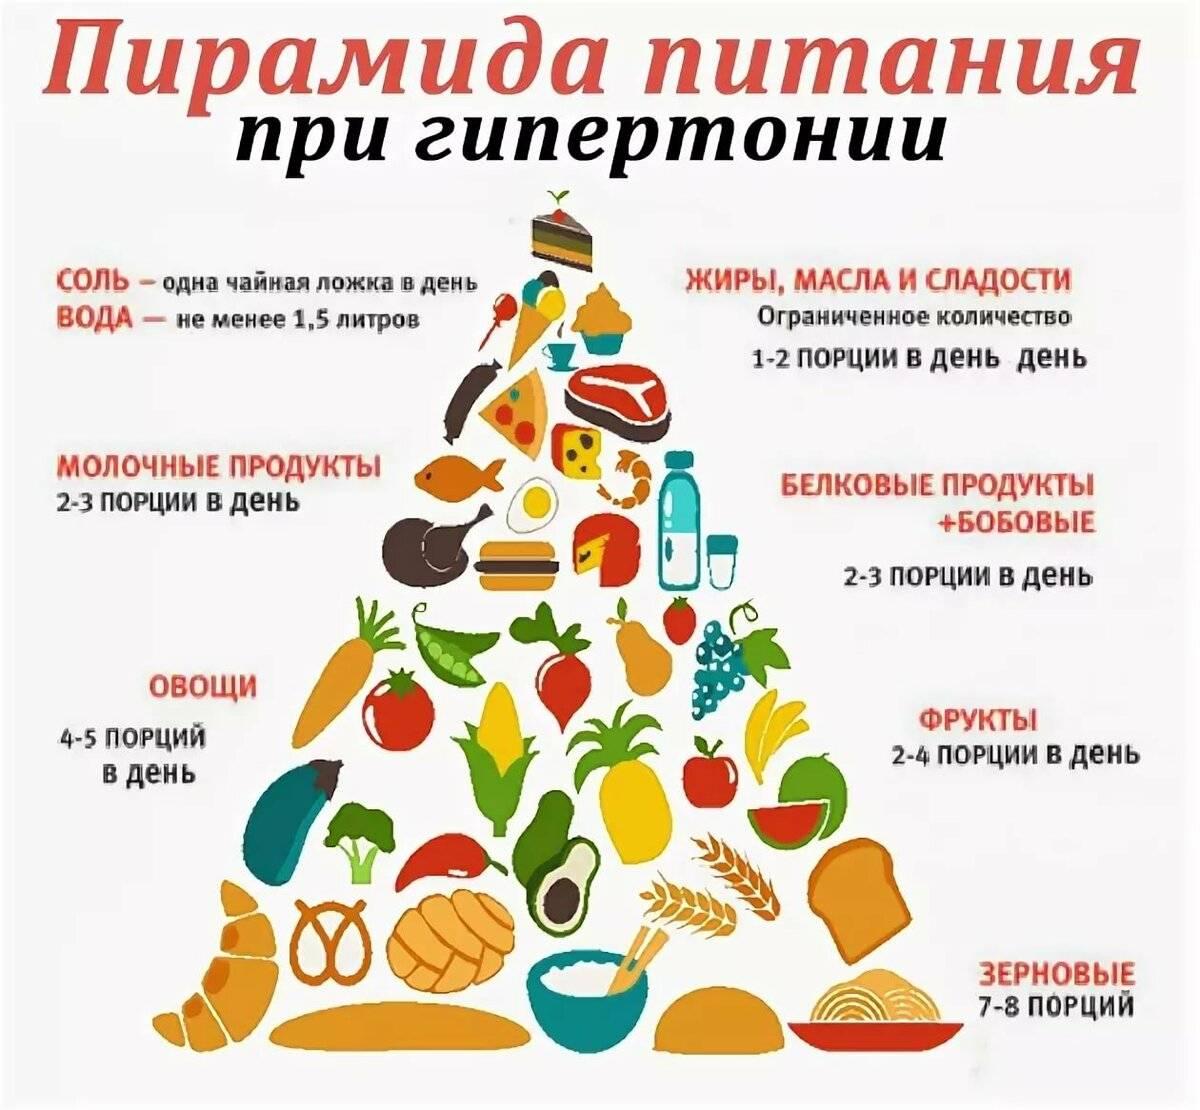 Диета при гипертонии - стол № 10 с меню, продукты снижающие давление для мужчин и женщин